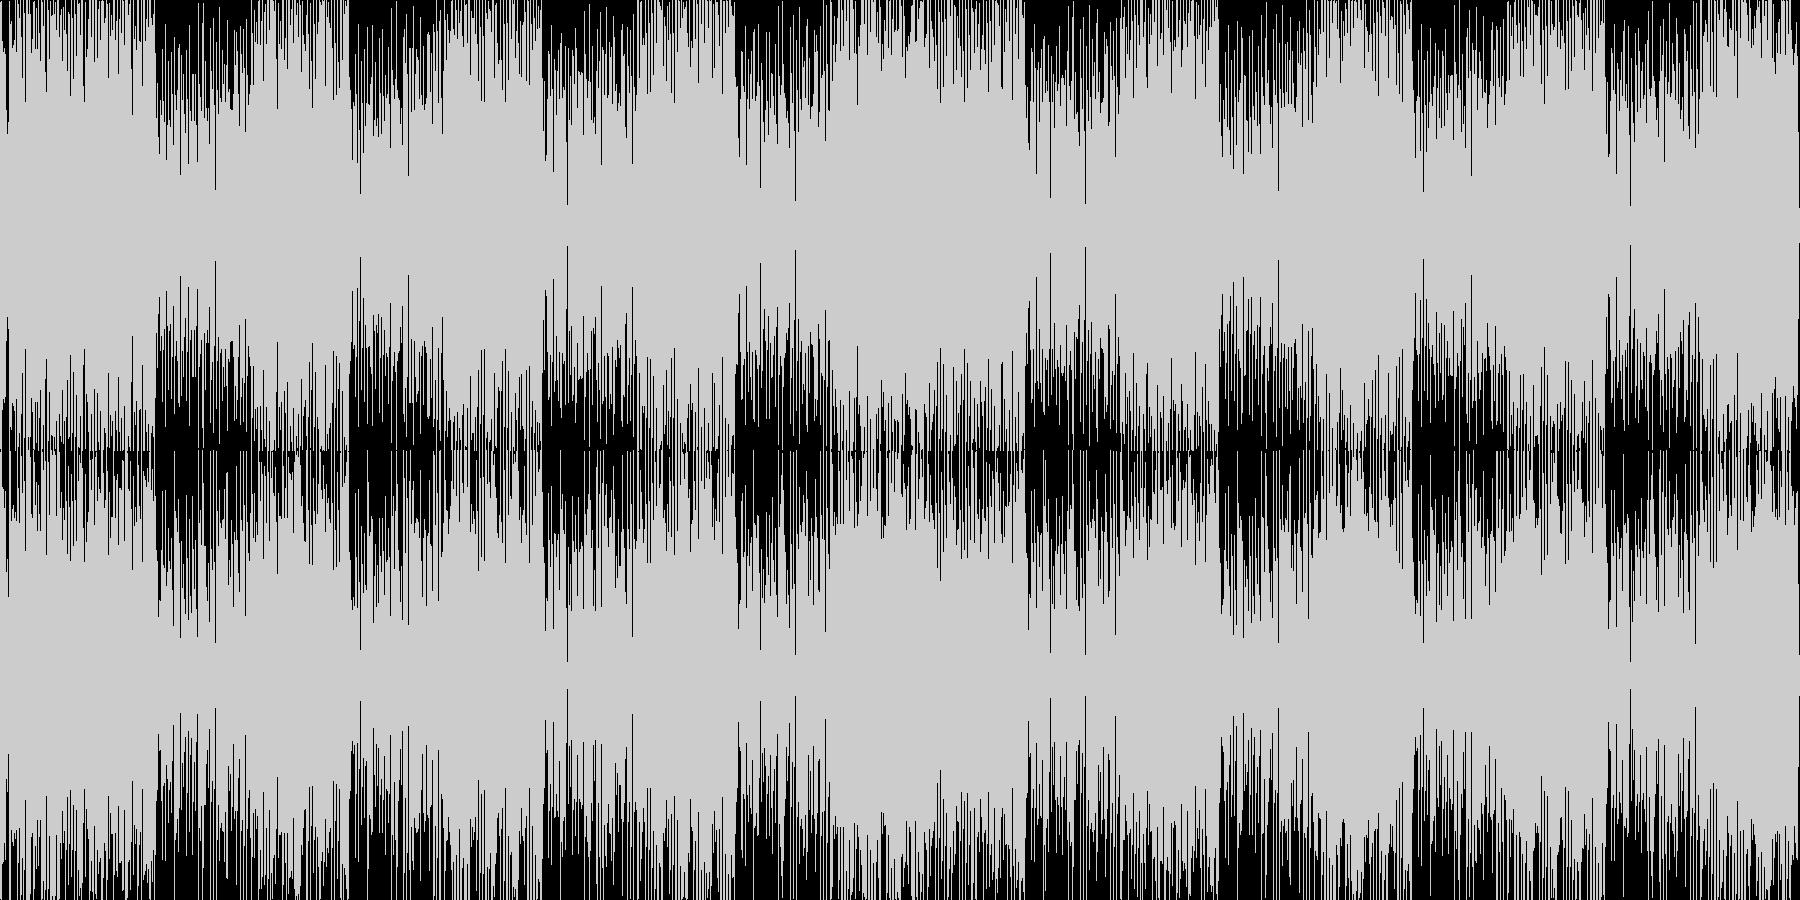 サックスロックファンクニュース配信動画の未再生の波形